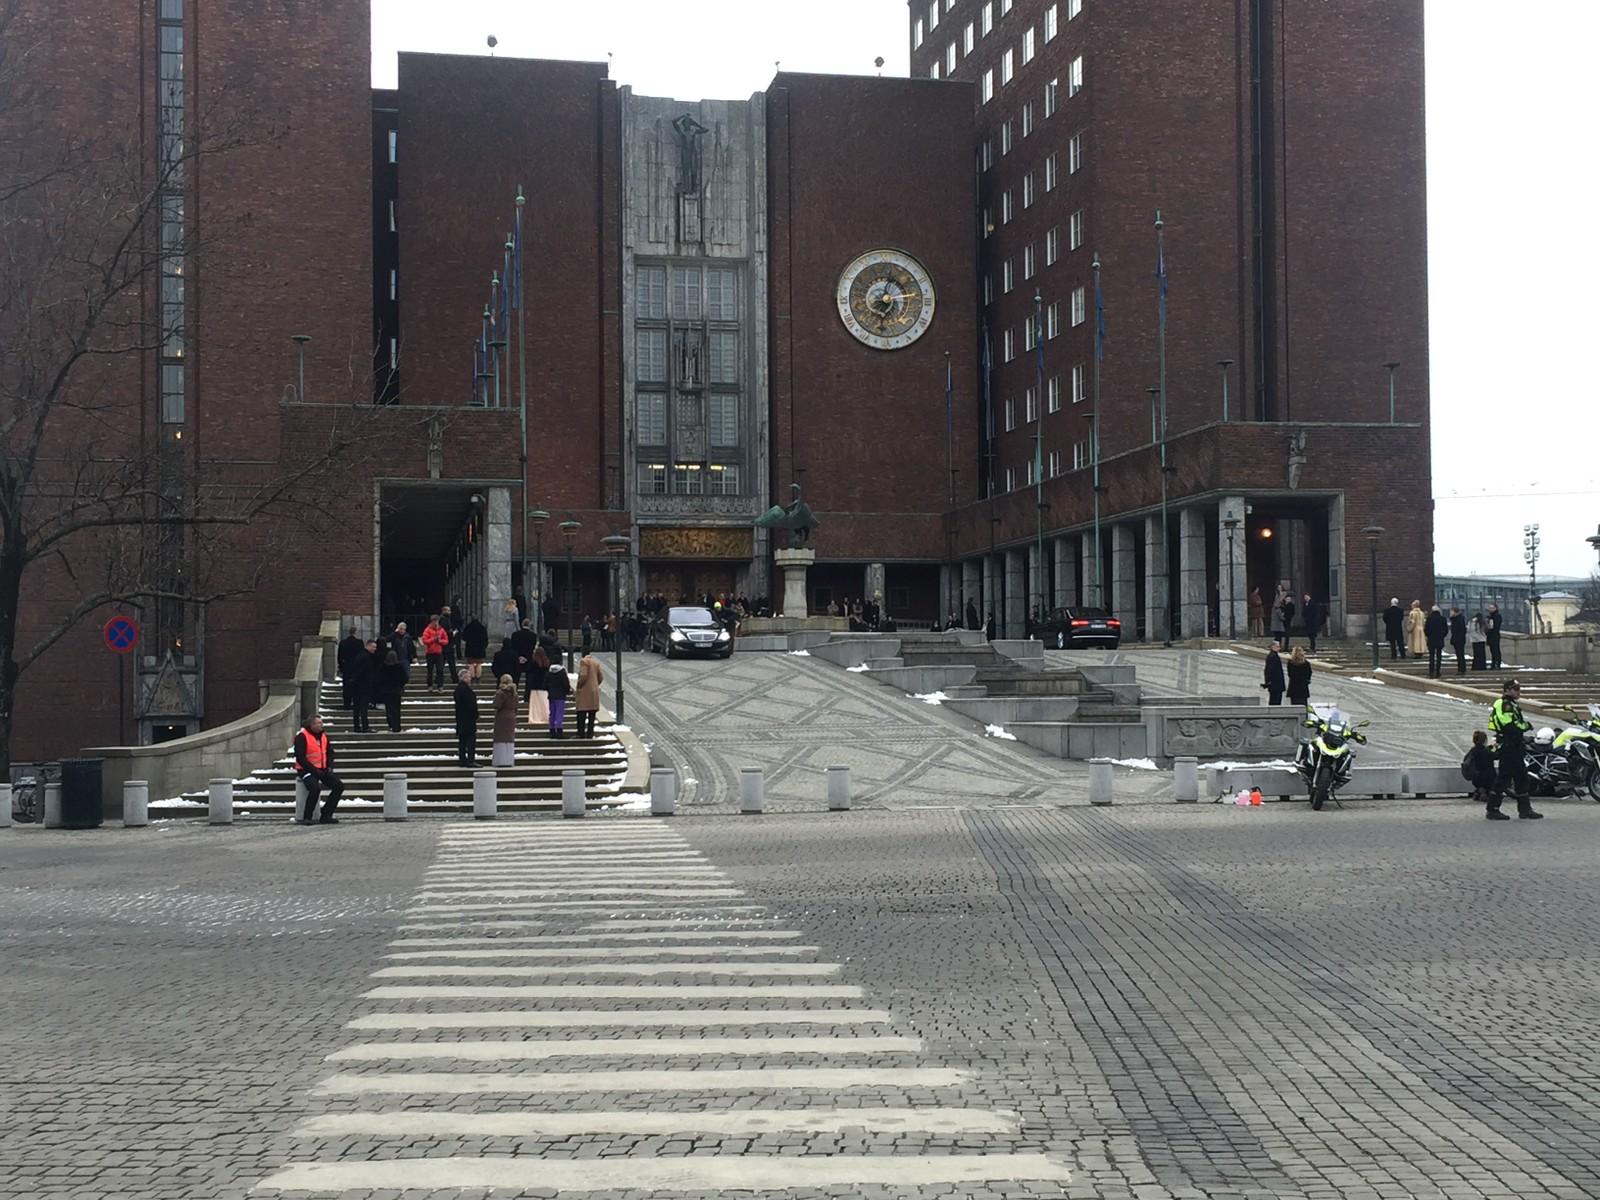 Snømannen-innspilling på Oslo rådhus.